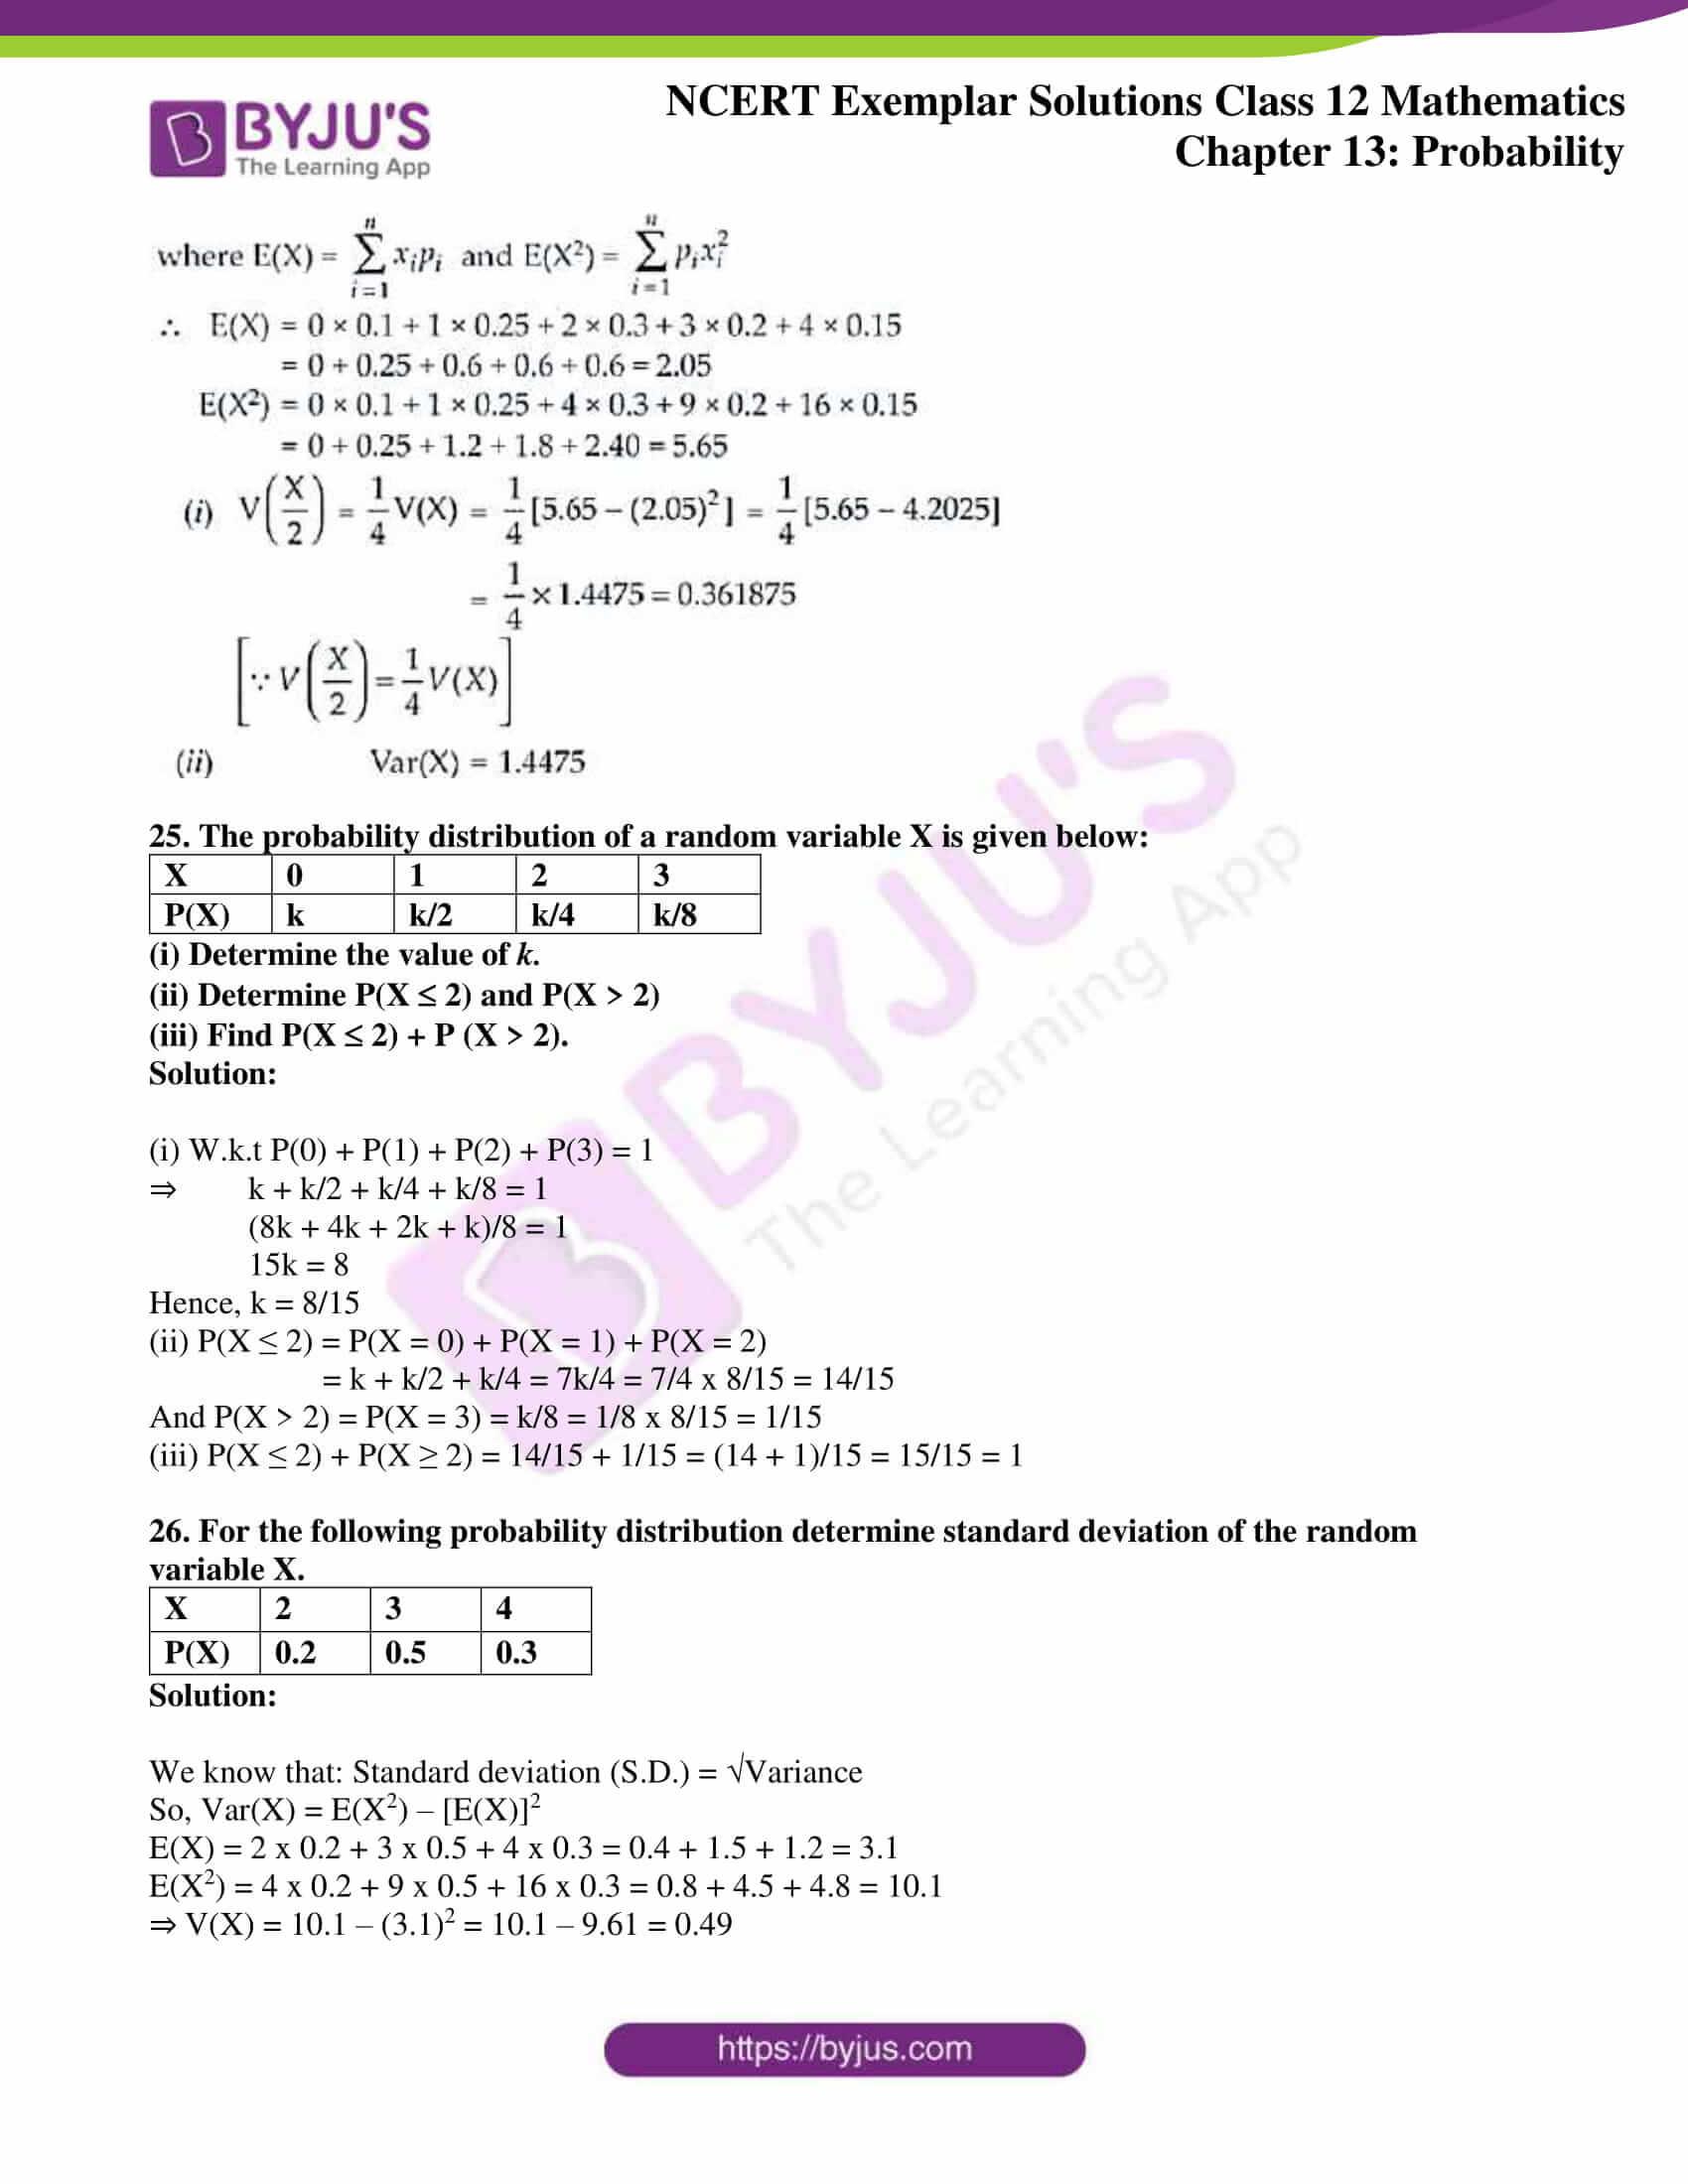 ncert exemplar sol class 12 mathematics chapter 13 10